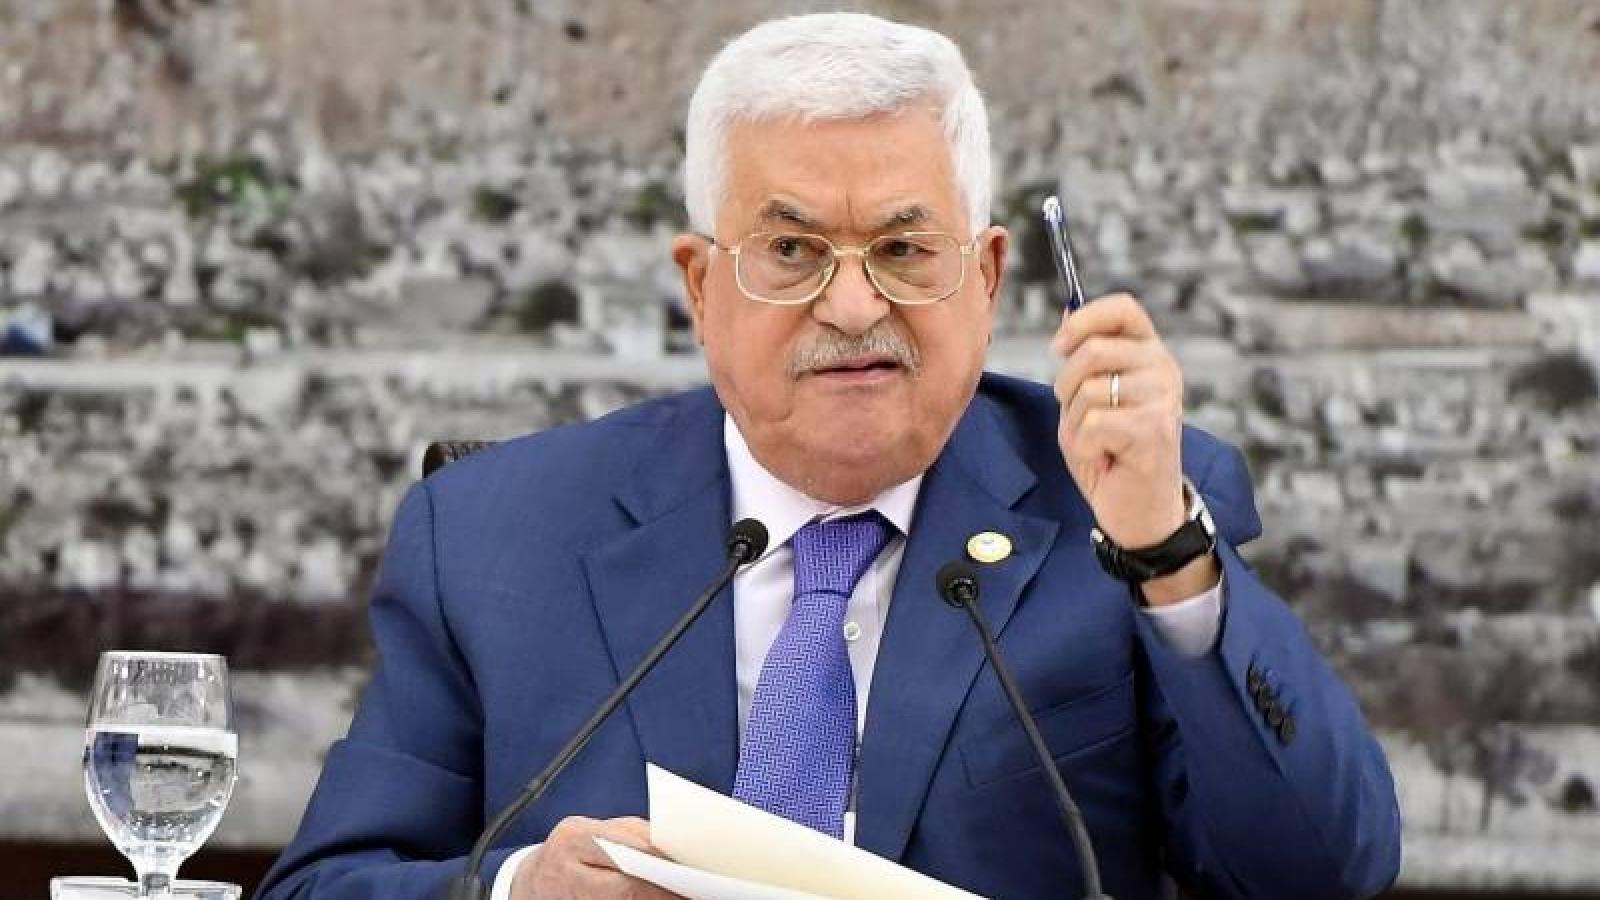 Palestine hướng tới cuộc tổng tuyển cử sau 15 năm: Kỳ vọng và hoài nghi